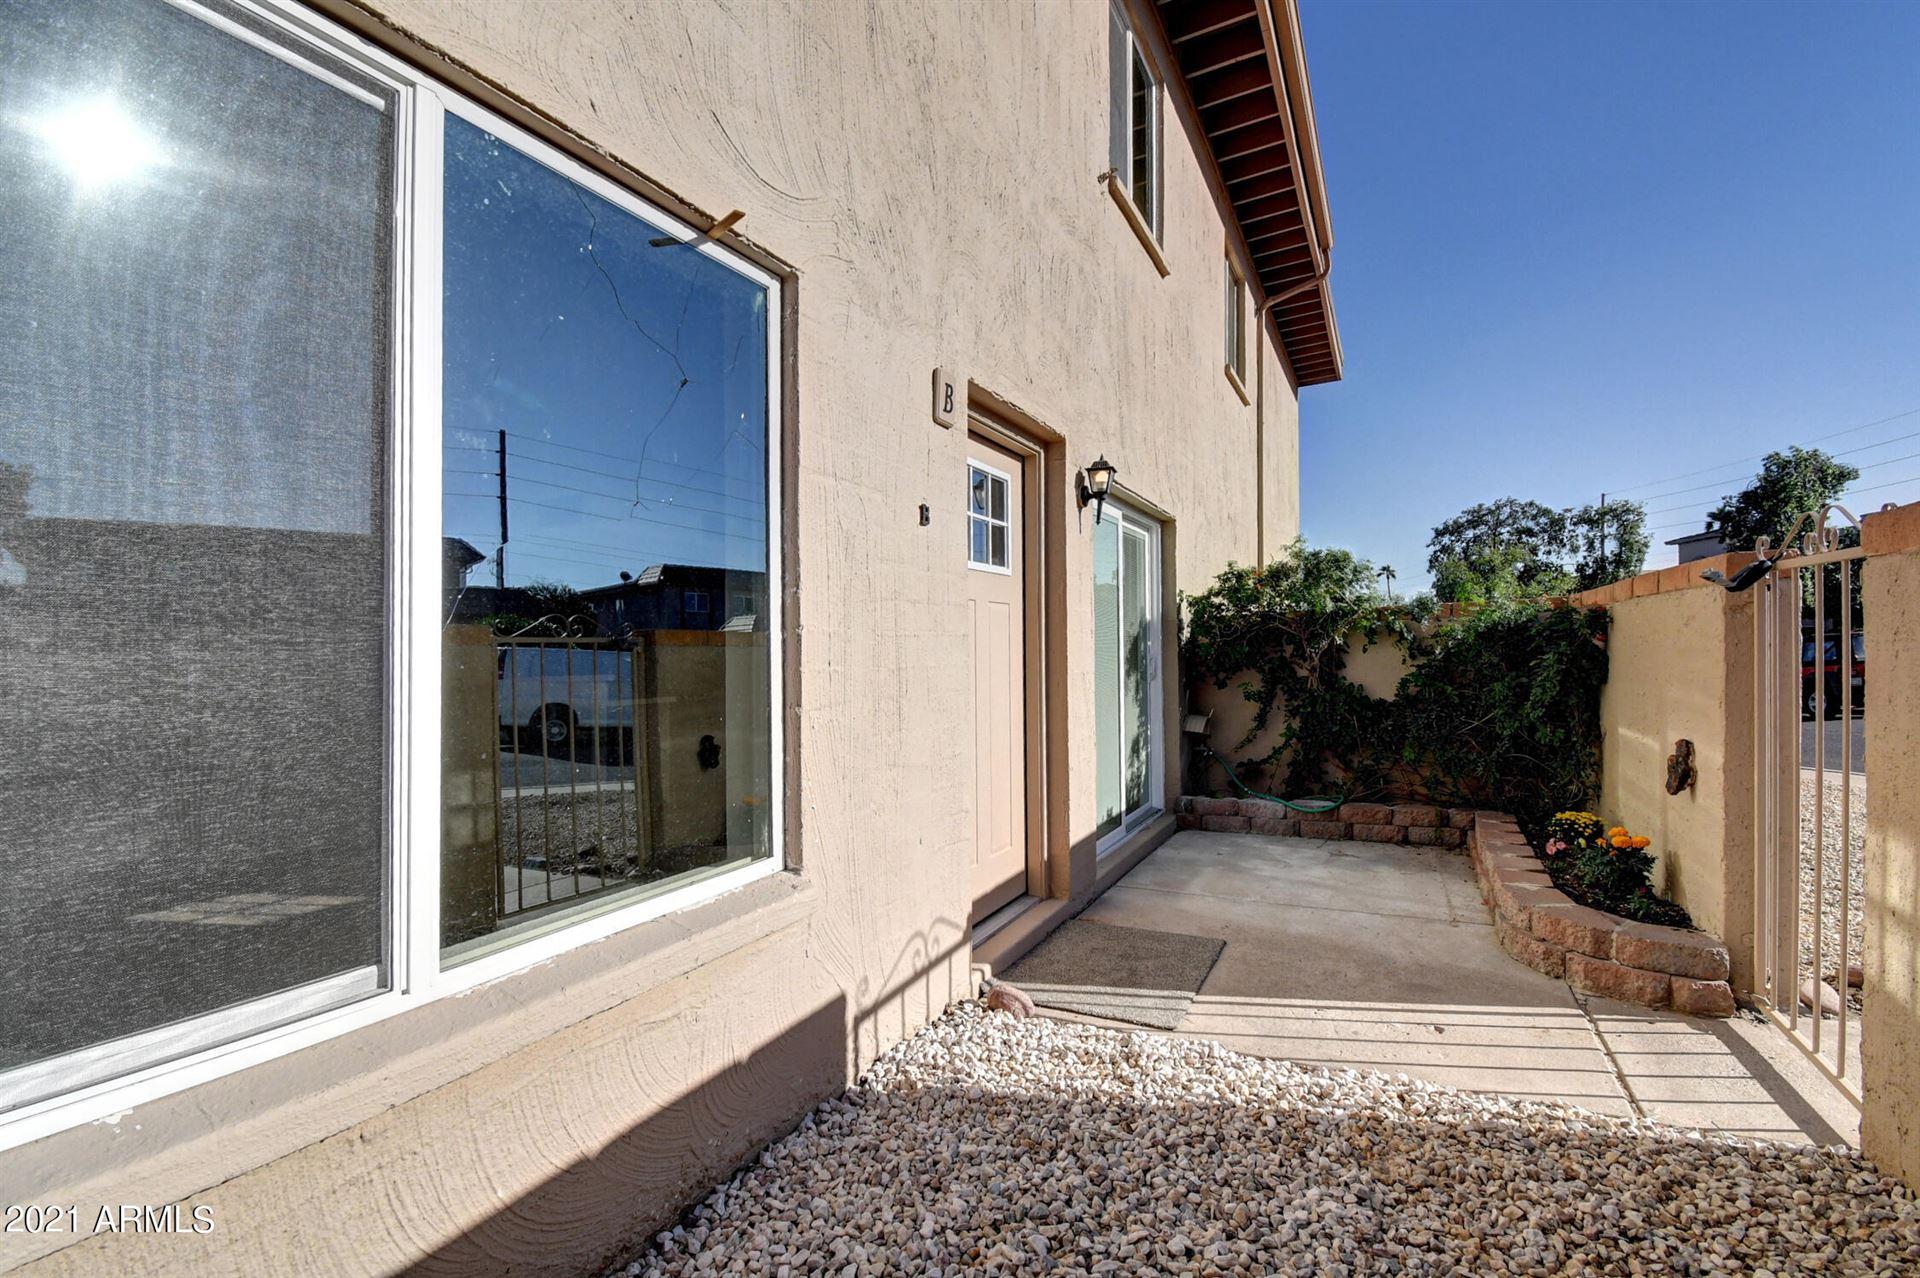 Photo of 17009 E CALLE DEL ORO -- #B, Fountain Hills, AZ 85268 (MLS # 6306718)